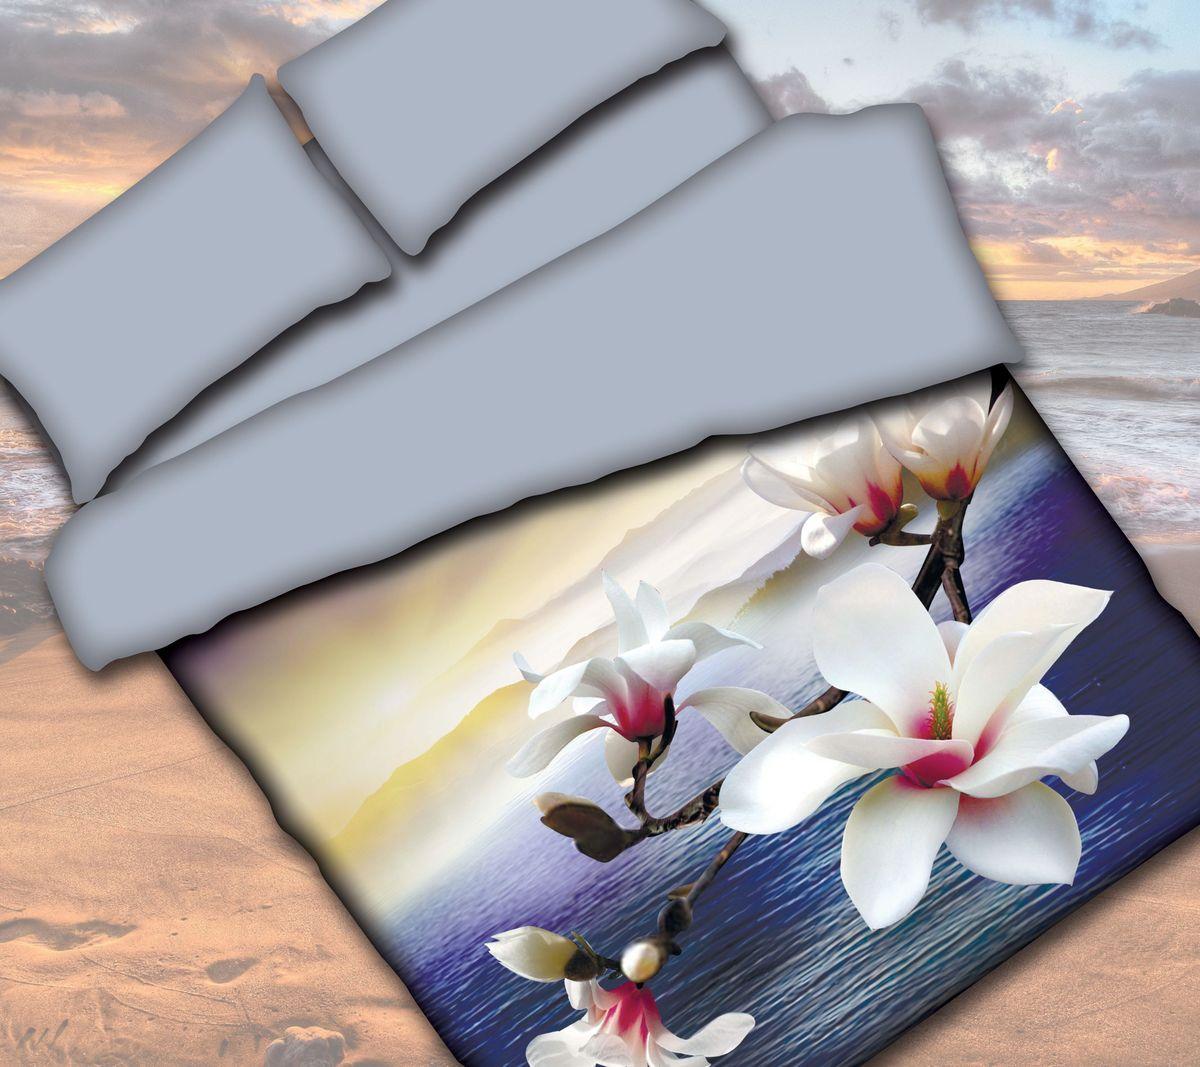 Комплект белья Коллекция Орхидея, 2-спальный, наволочки 70x70. СРП2/70/ОЗ/орхСРП2/70/ОЗ/орх